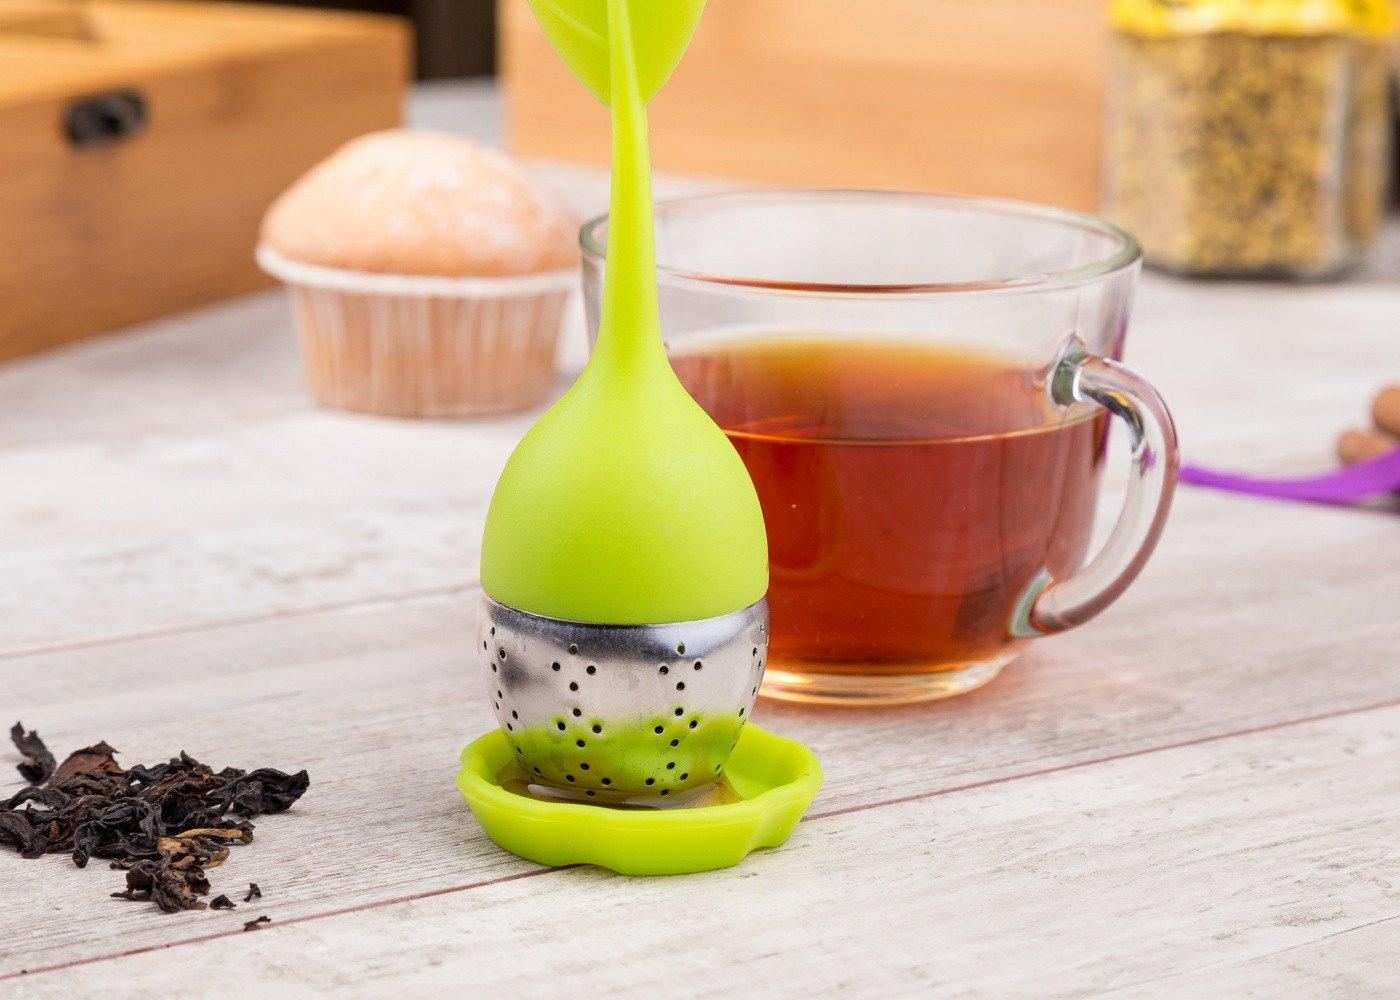 Ситечко для чая с чашкой